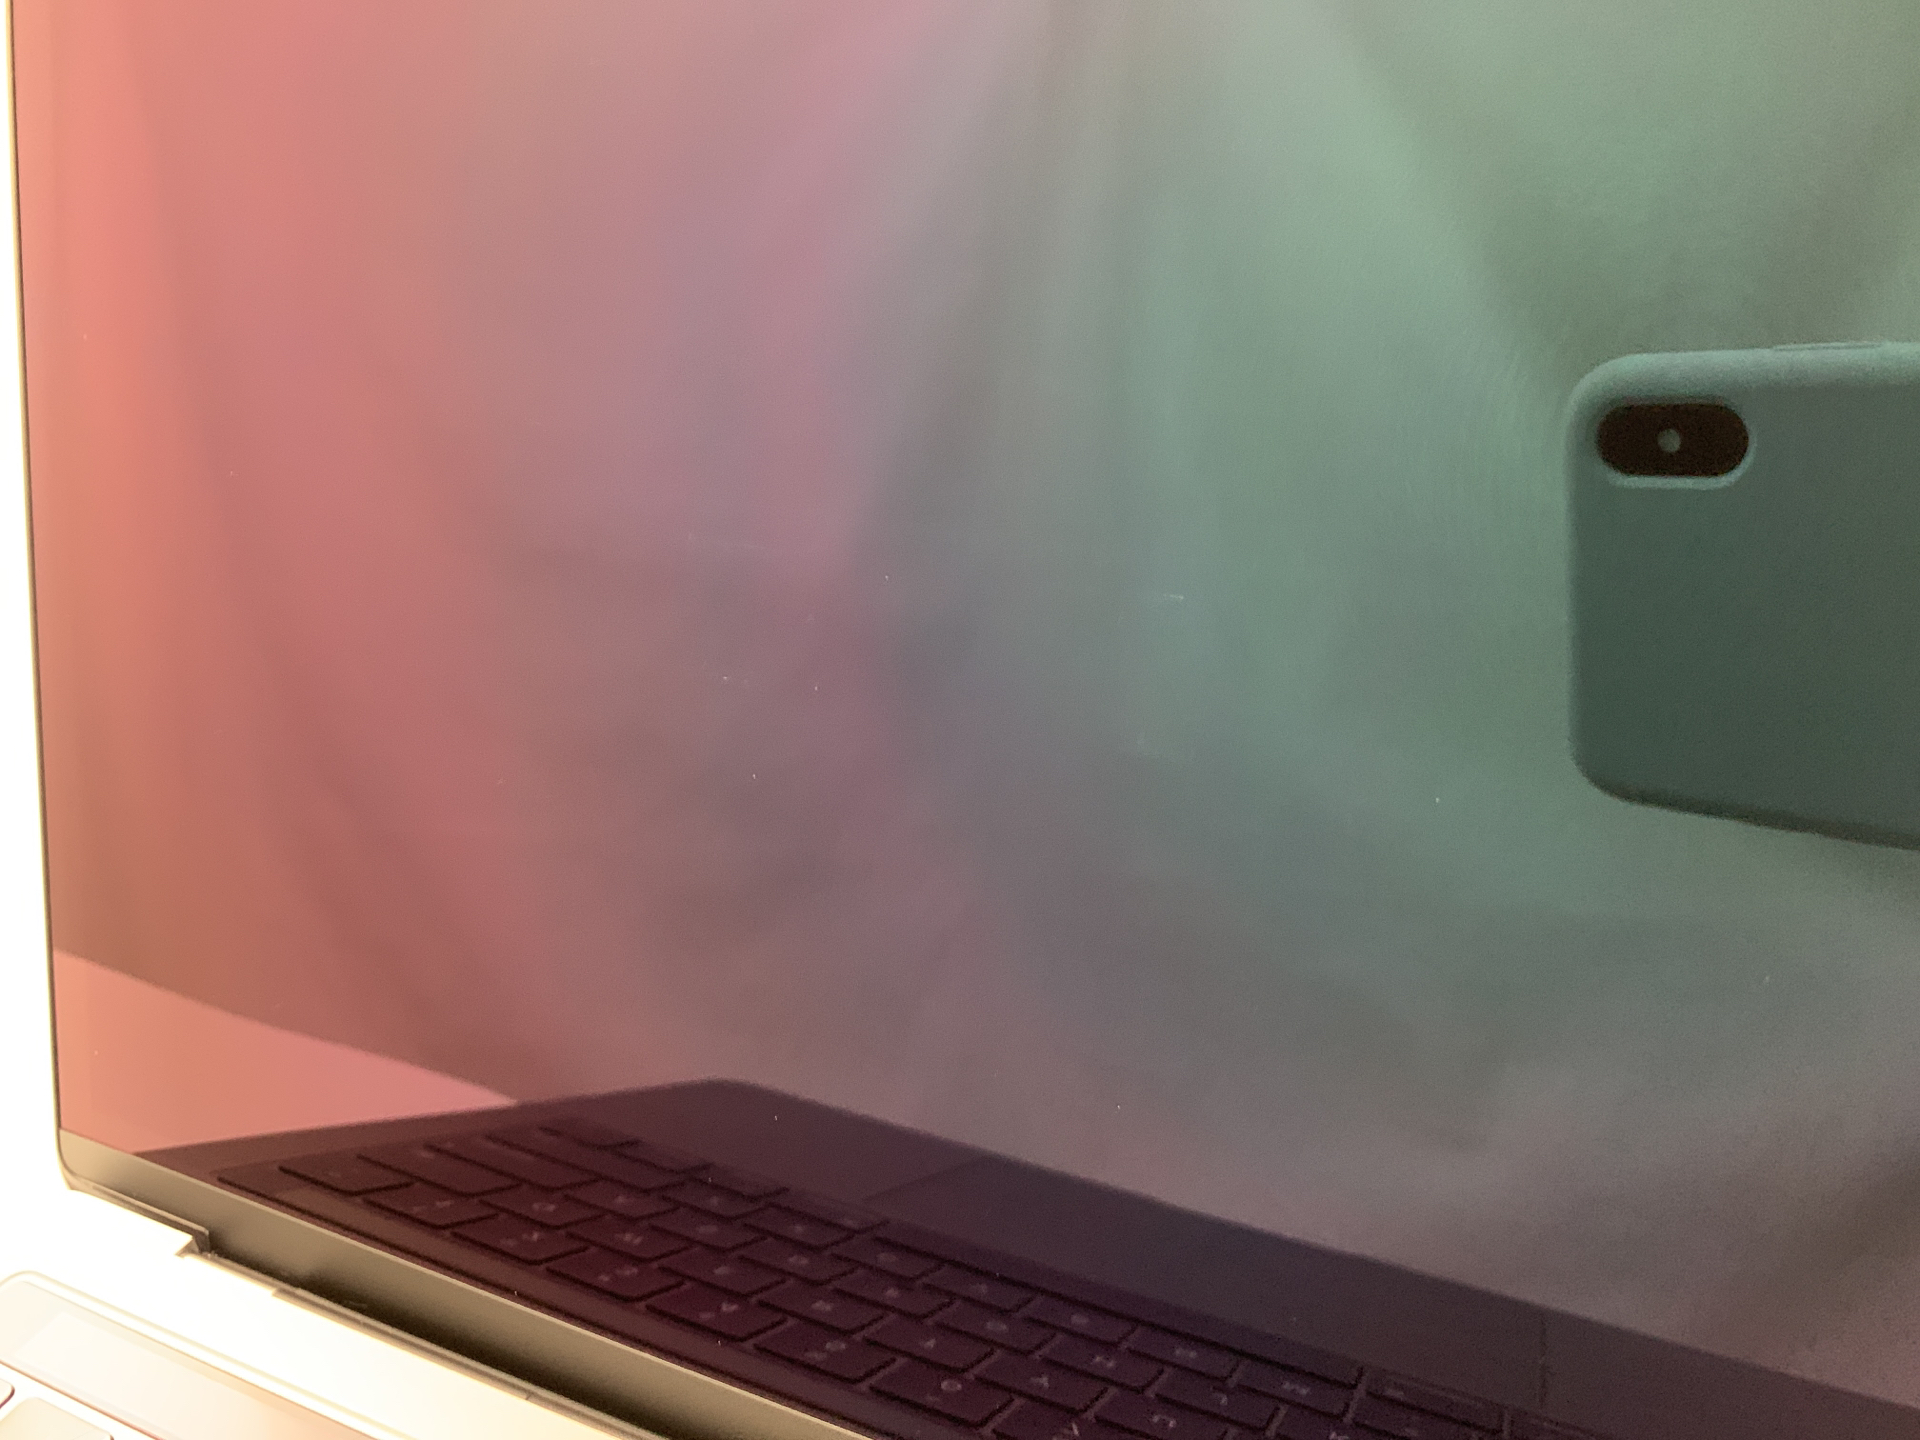 """MacBook Pro 13"""" 4TBT Mid 2018 (Intel Quad-Core i5 2.3 GHz 8 GB RAM 256 GB SSD), Space Gray, Intel Quad-Core i5 2.3 GHz, 8 GB RAM, 256 GB SSD, image 3"""